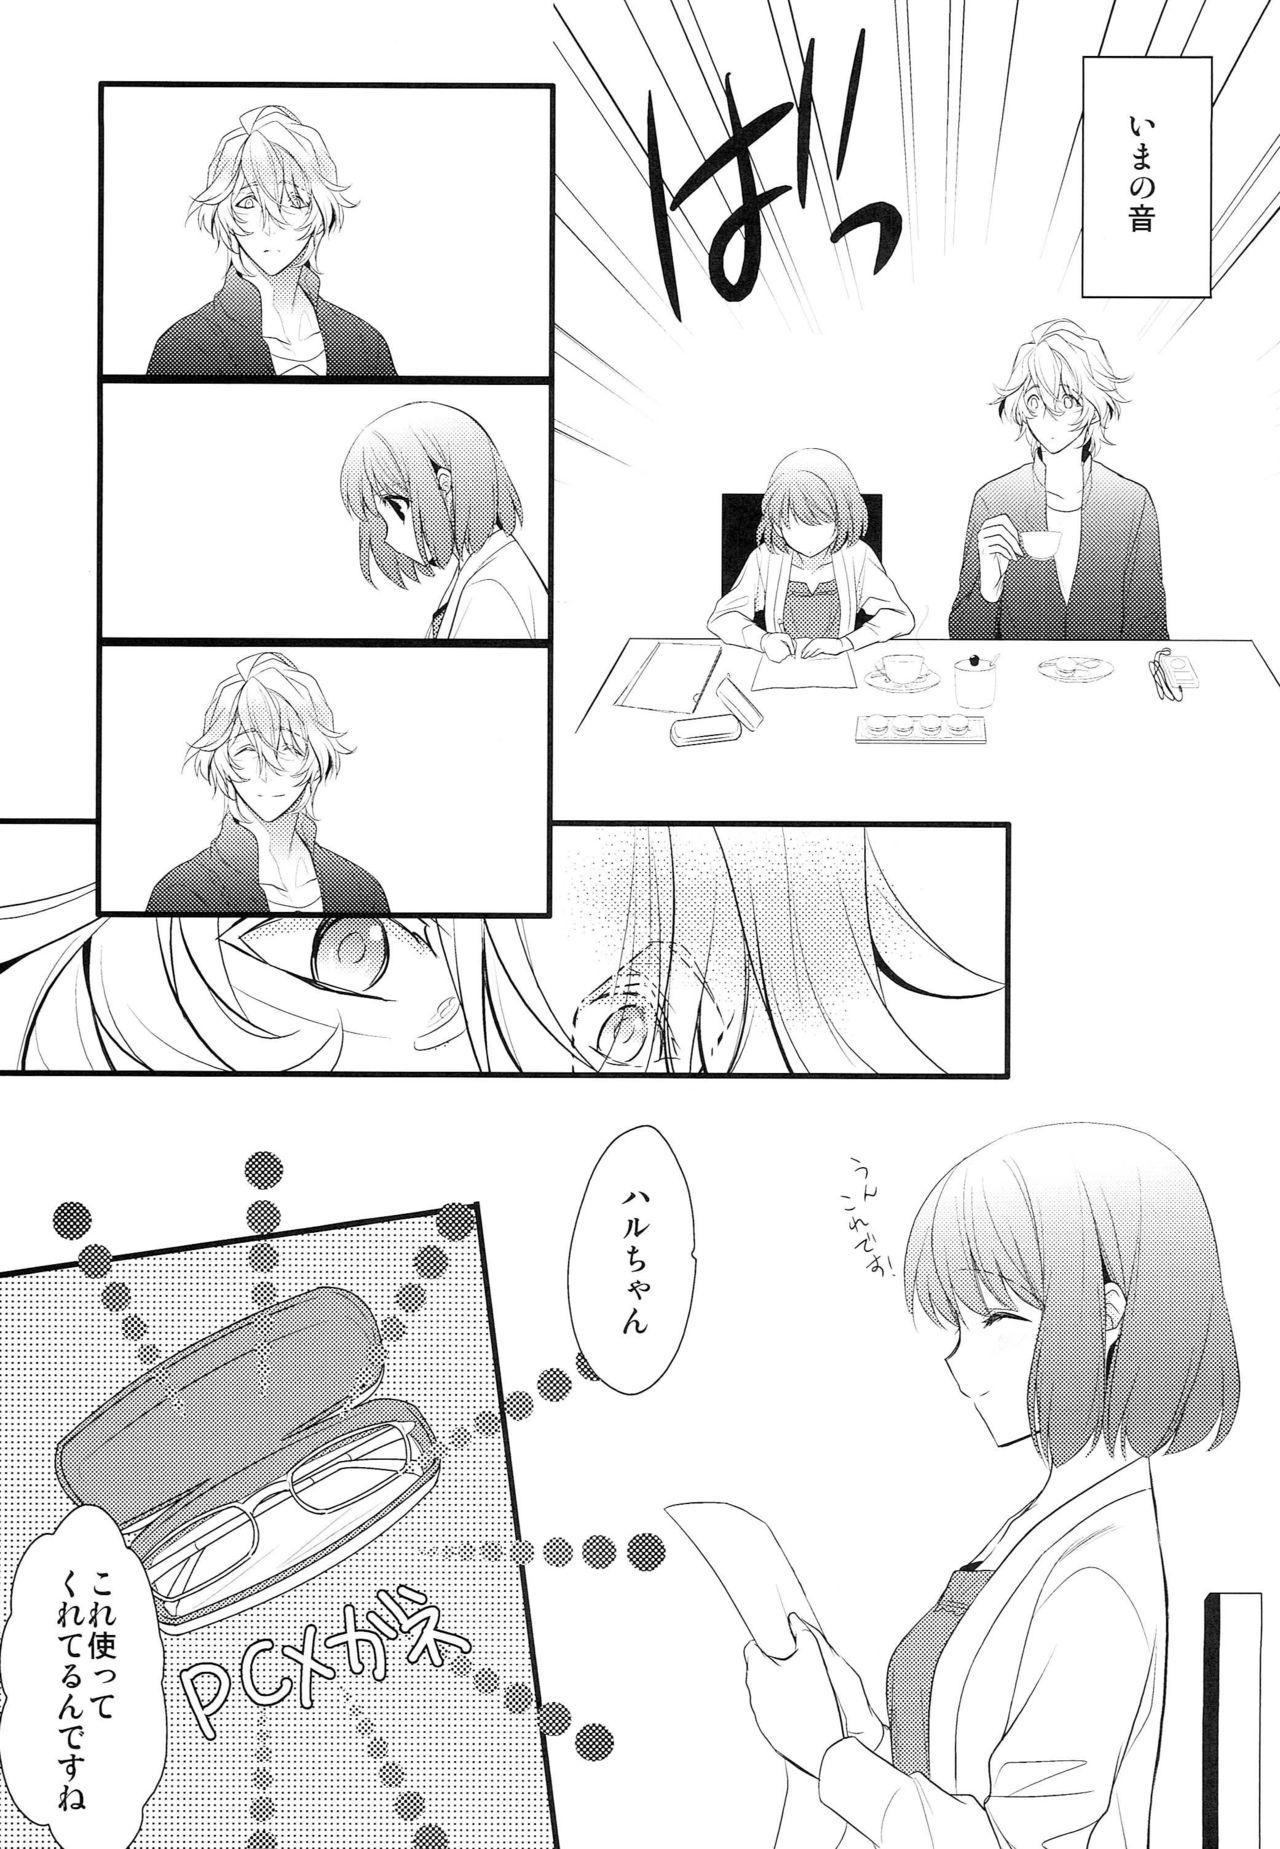 Boku no Kanojo ga Megane o Kaketara 5